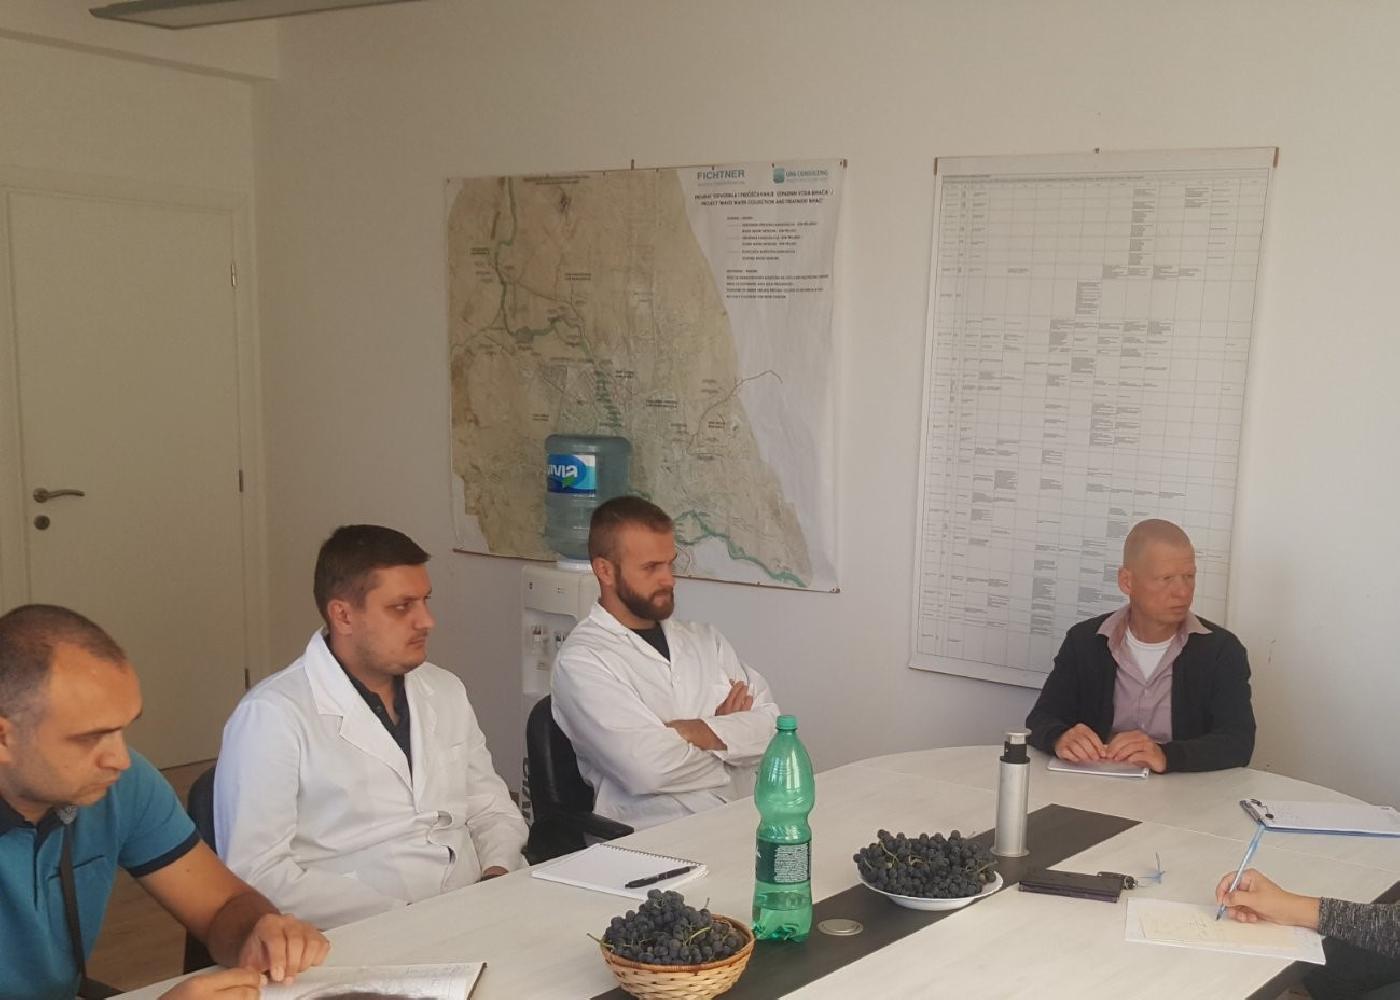 Posjeta postrojenju za prečišćavanje otpadnih voda u Bihaću – pripremne aktivnosti za razmjenu iskustava među jednakima